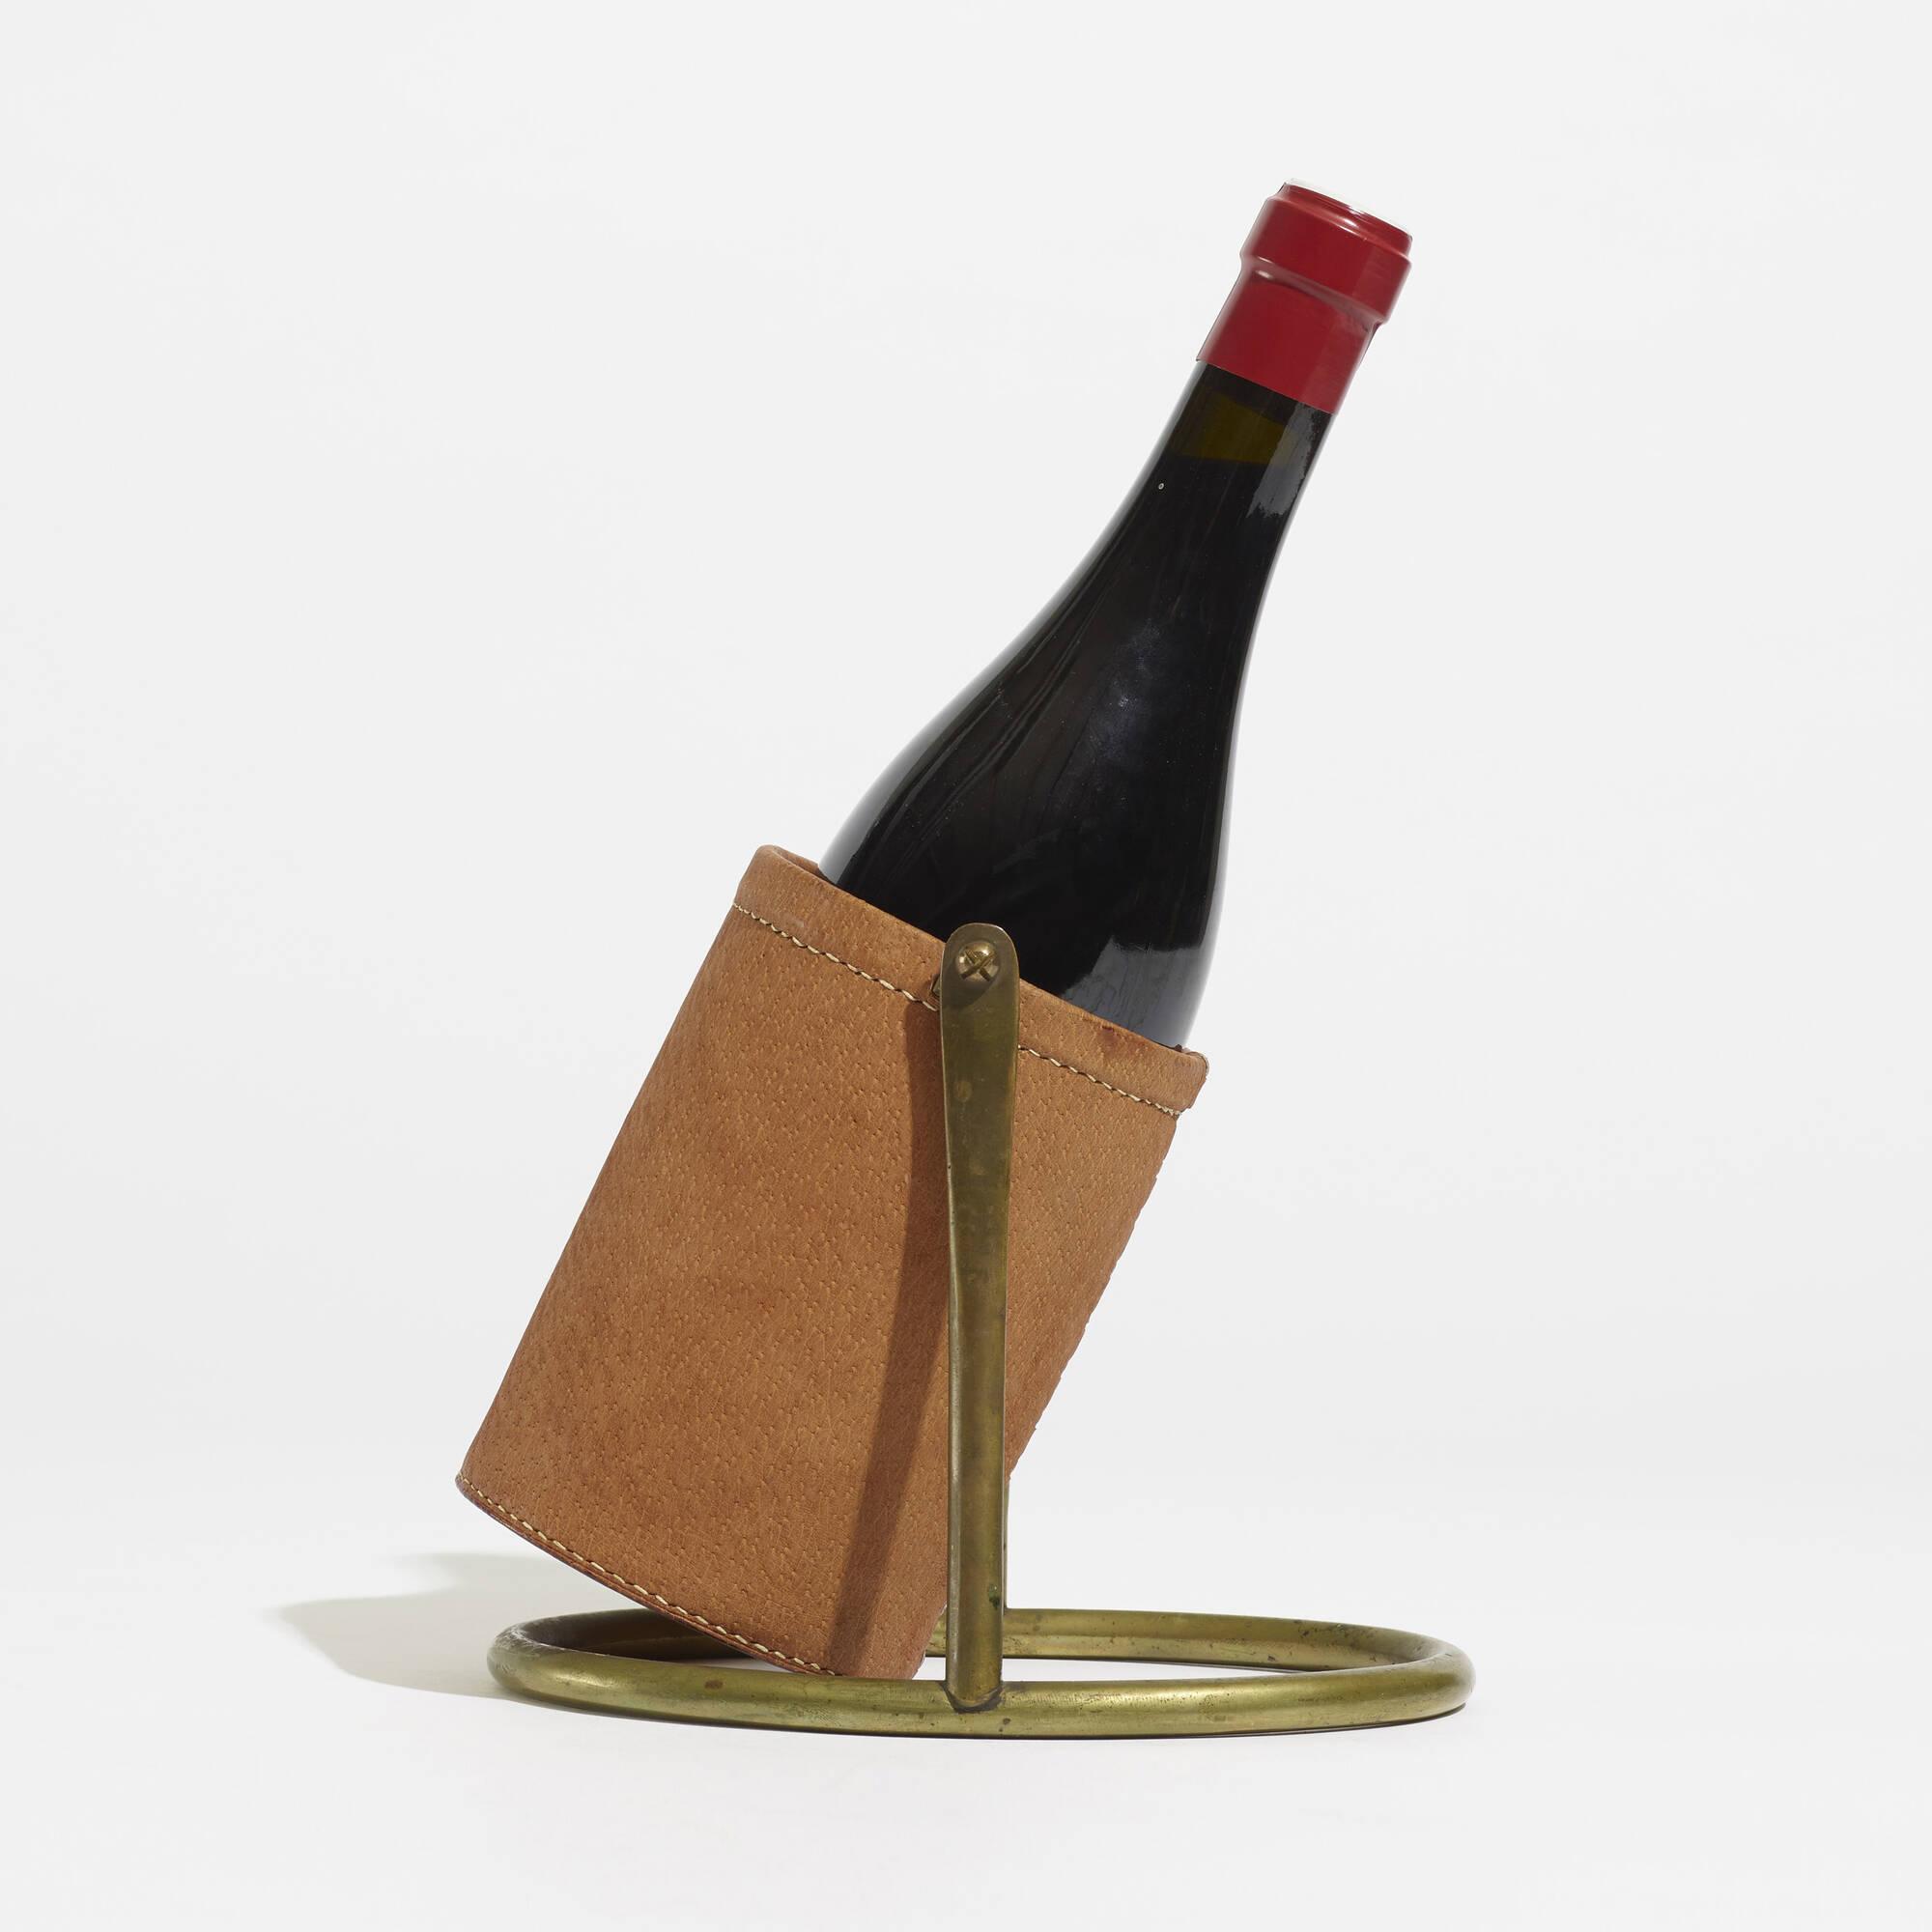 249: Carl Auböck II / wine caddy, model 5018 (3 of 3)